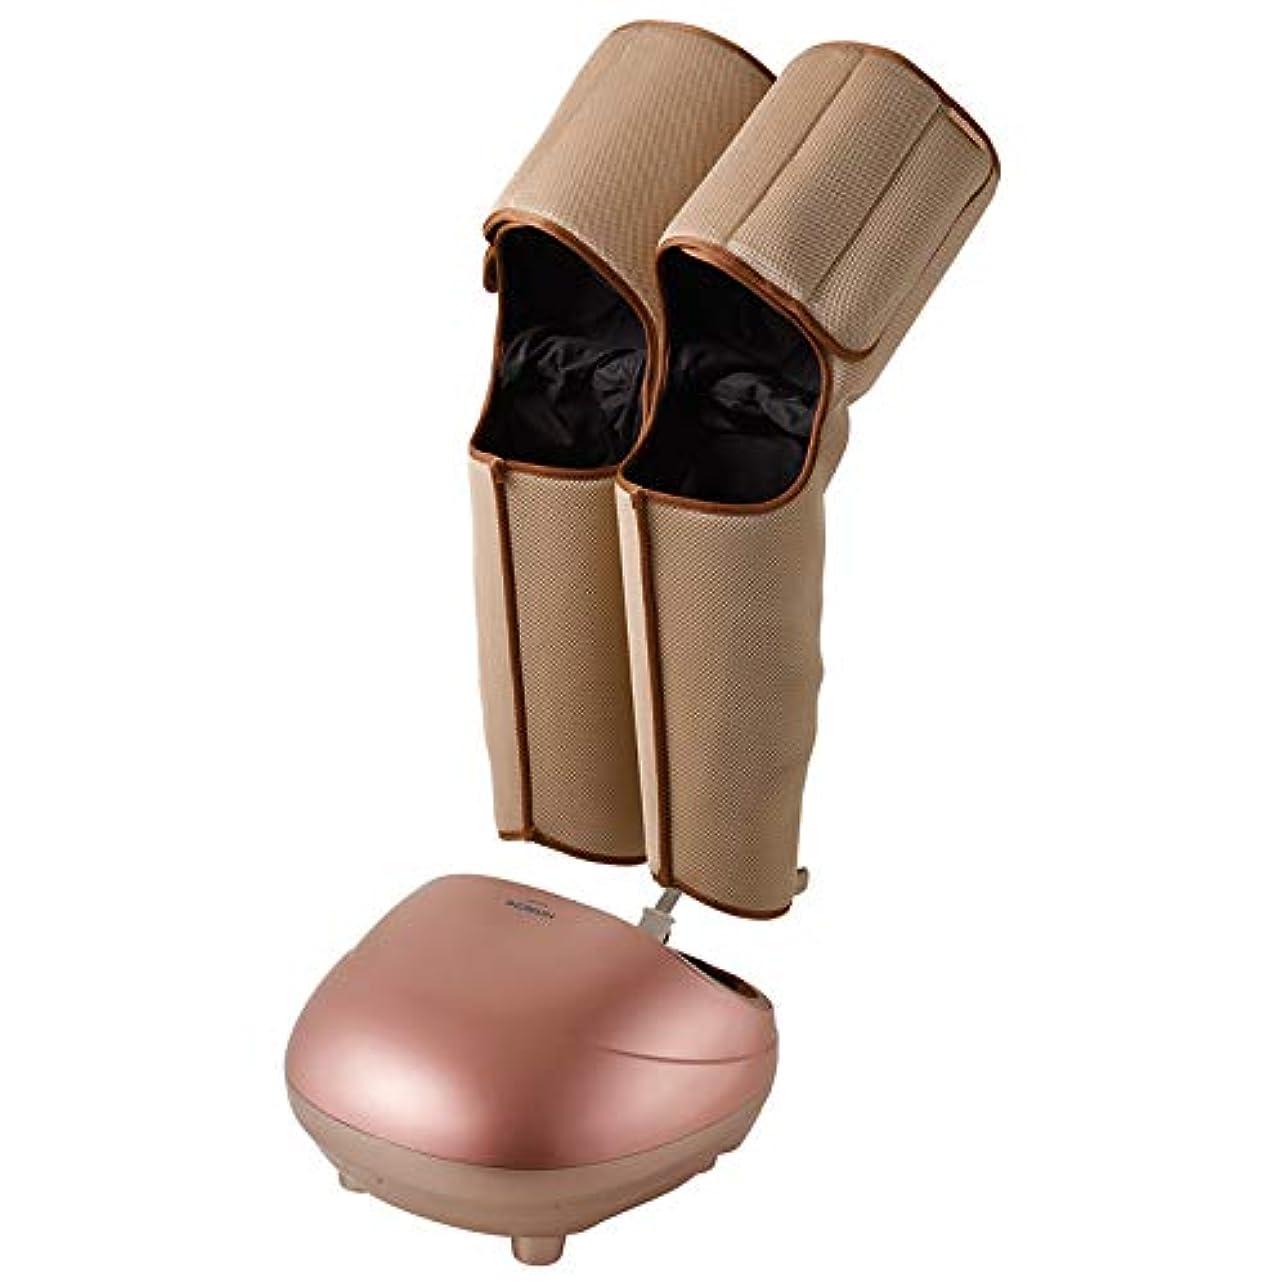 戸惑う日曜日抑制する日立 フットマッサージャー(ピンクゴールド)HITACHI Foot CRiE(フットクリエ) HFM-3000-P